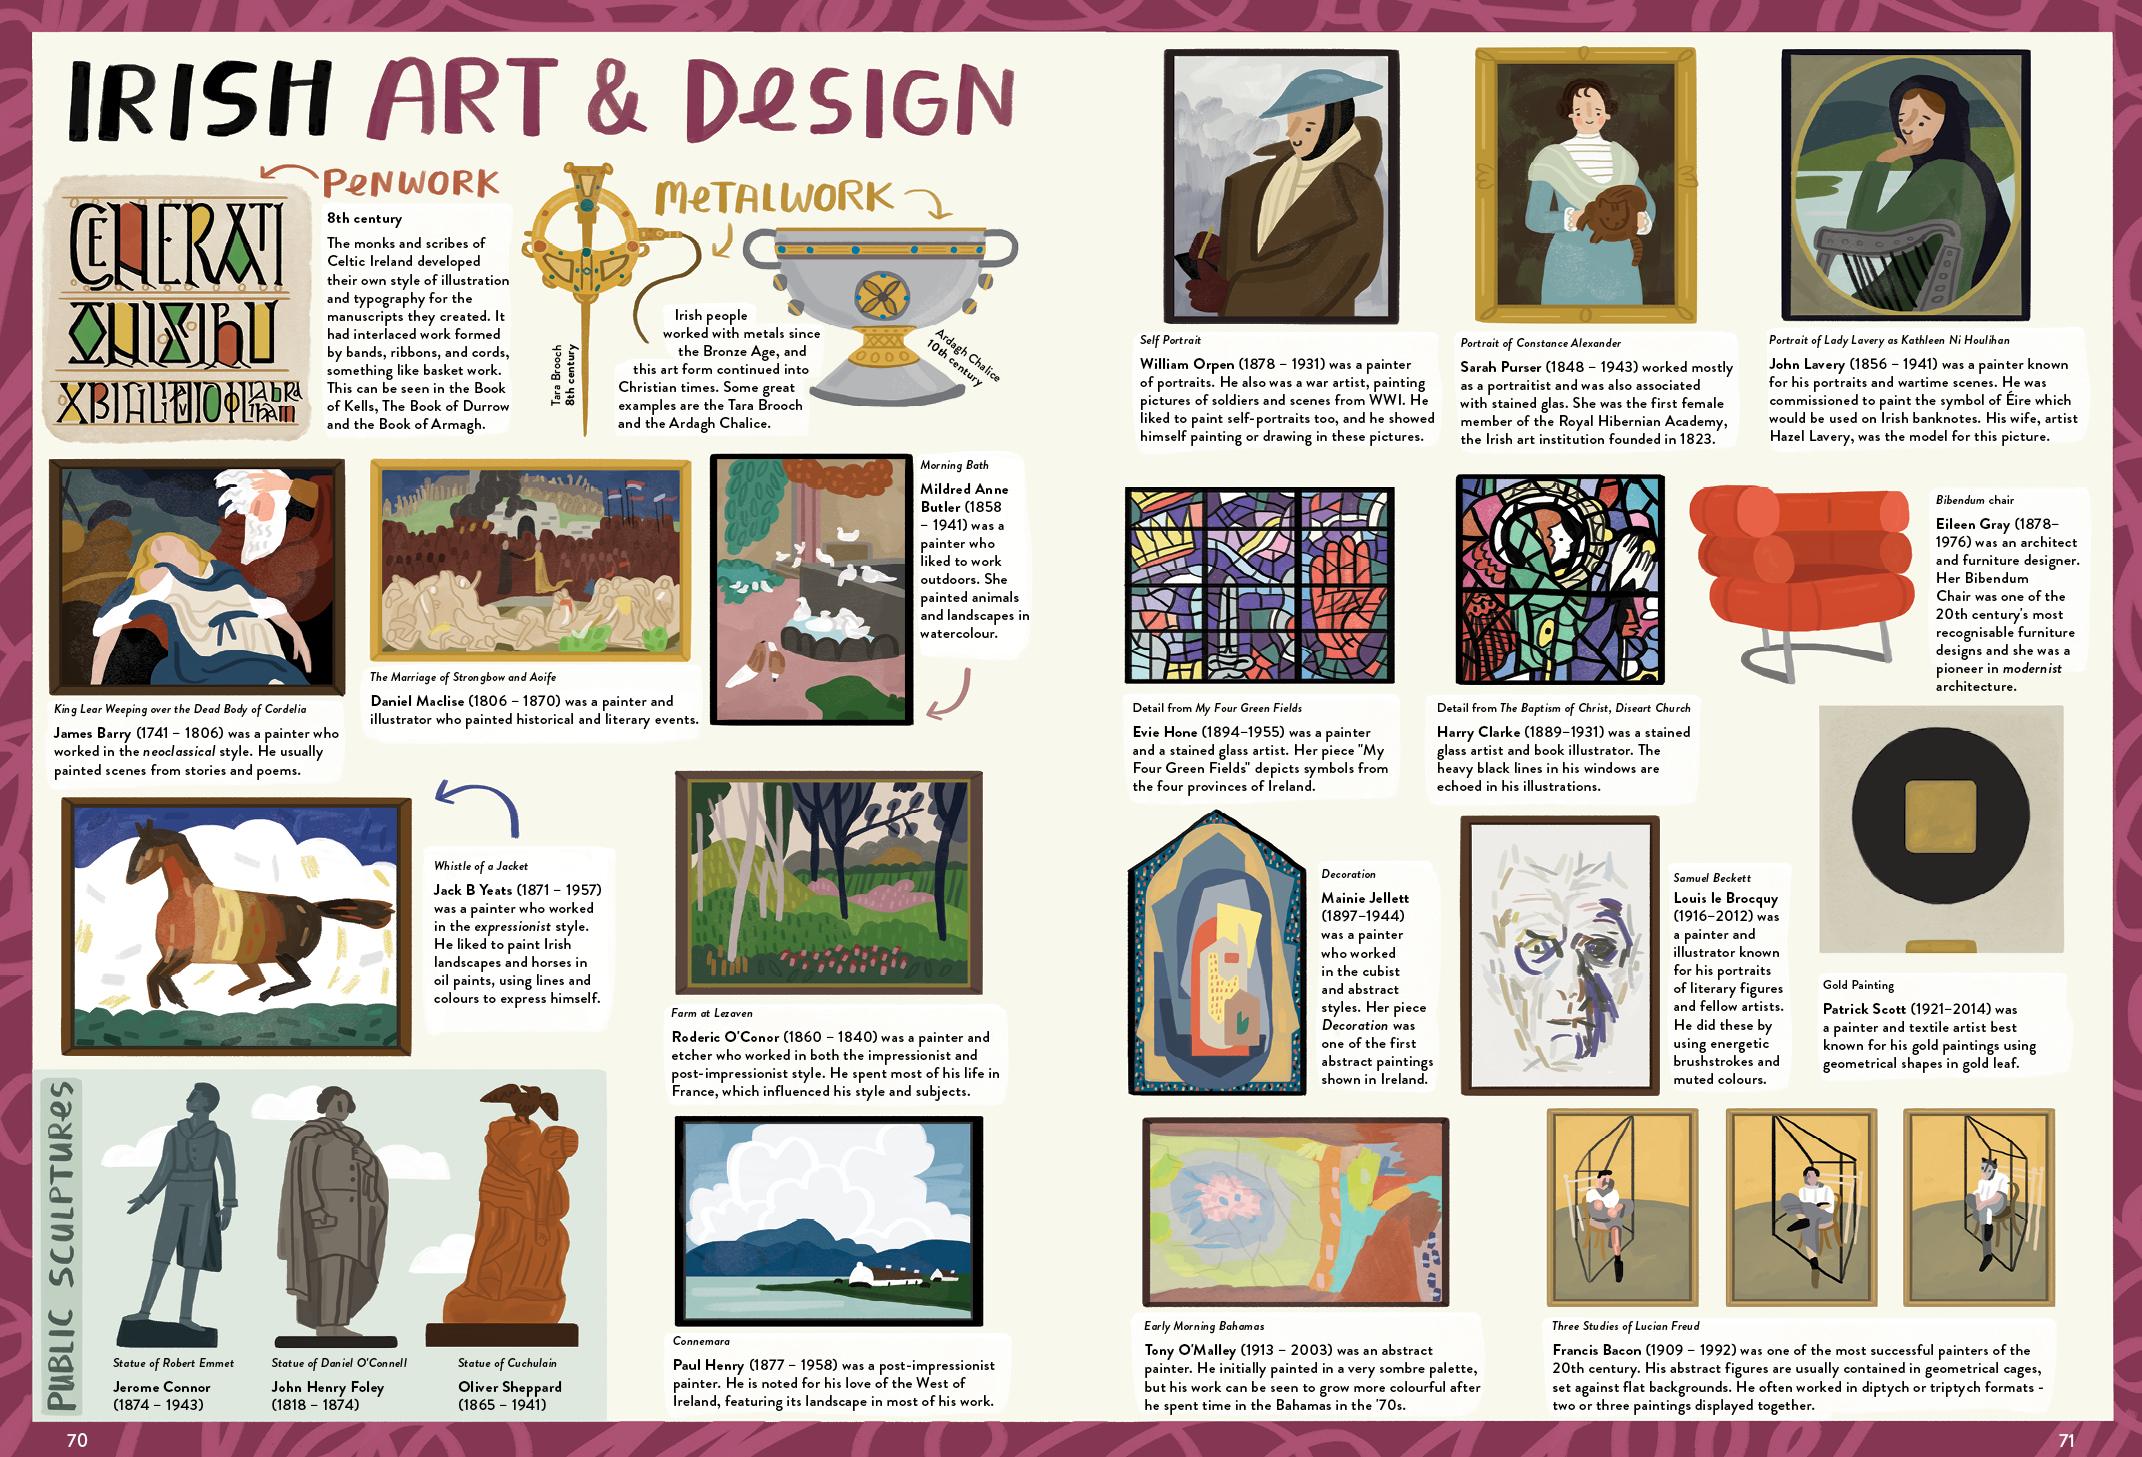 Irish Art&Design-p70&71.jpg